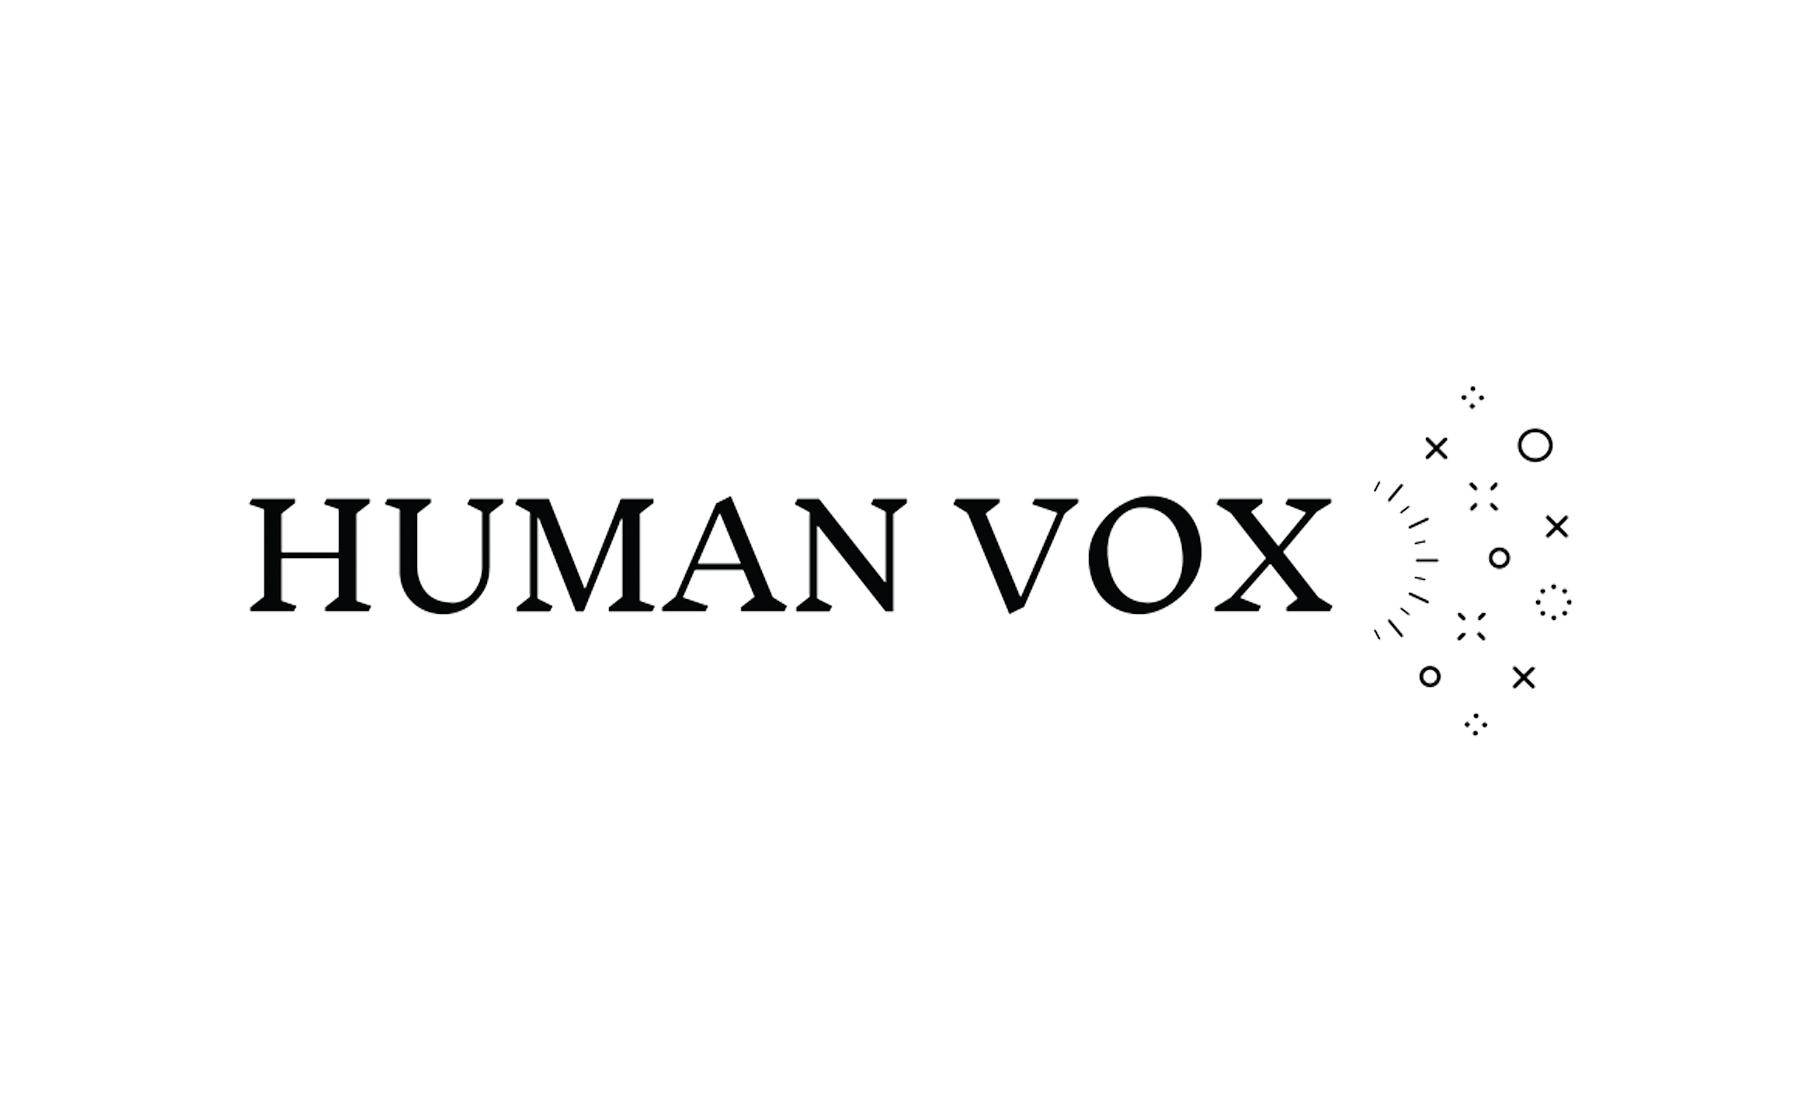 Image - HumanVox – Le CNRS, le genre et la science